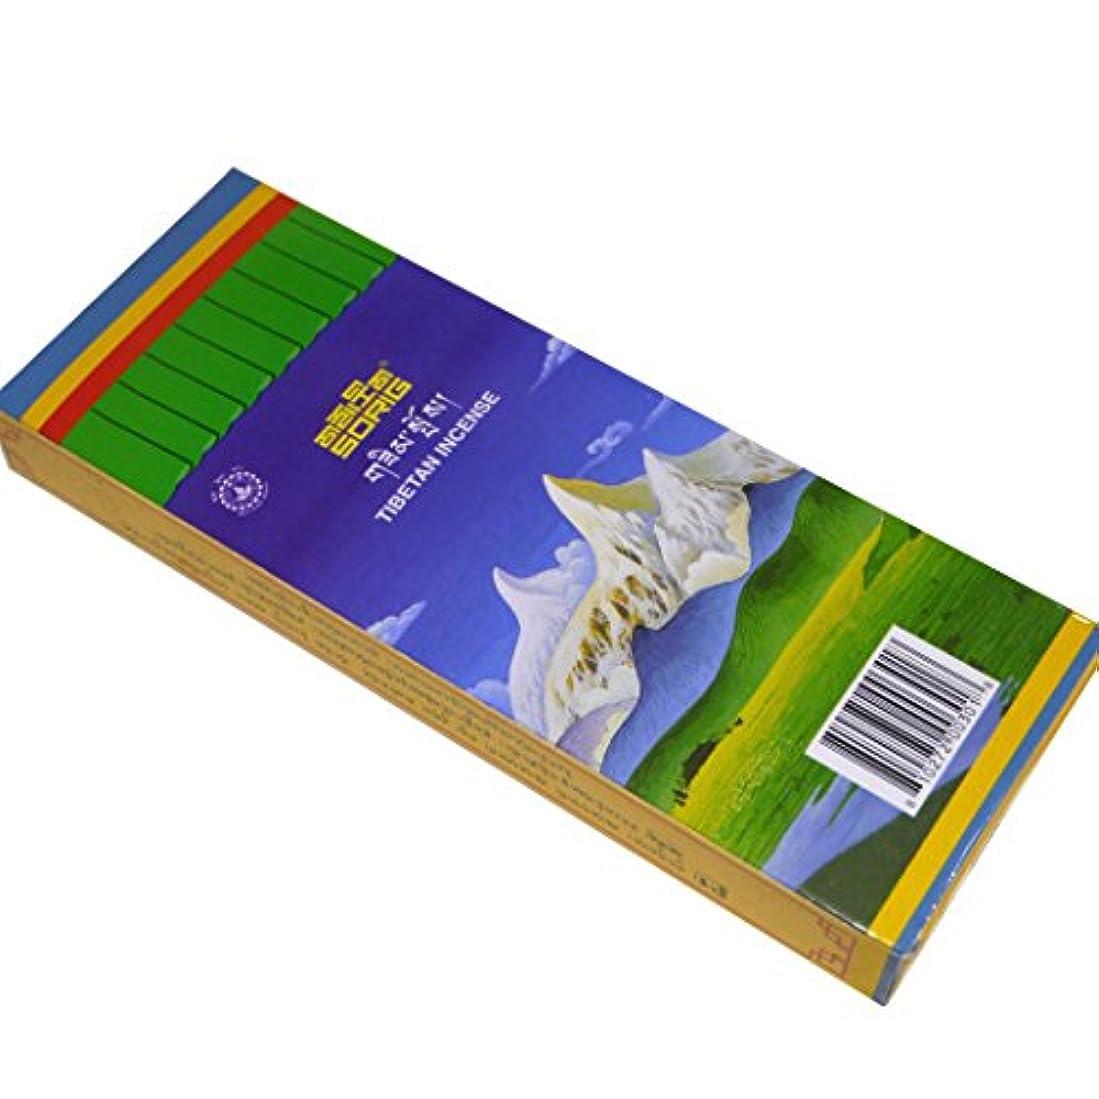 一族反逆補体メンツィーカン チベット医学暦法研究所メンツィーカンのお香【SORIGソリグ ビッグ】